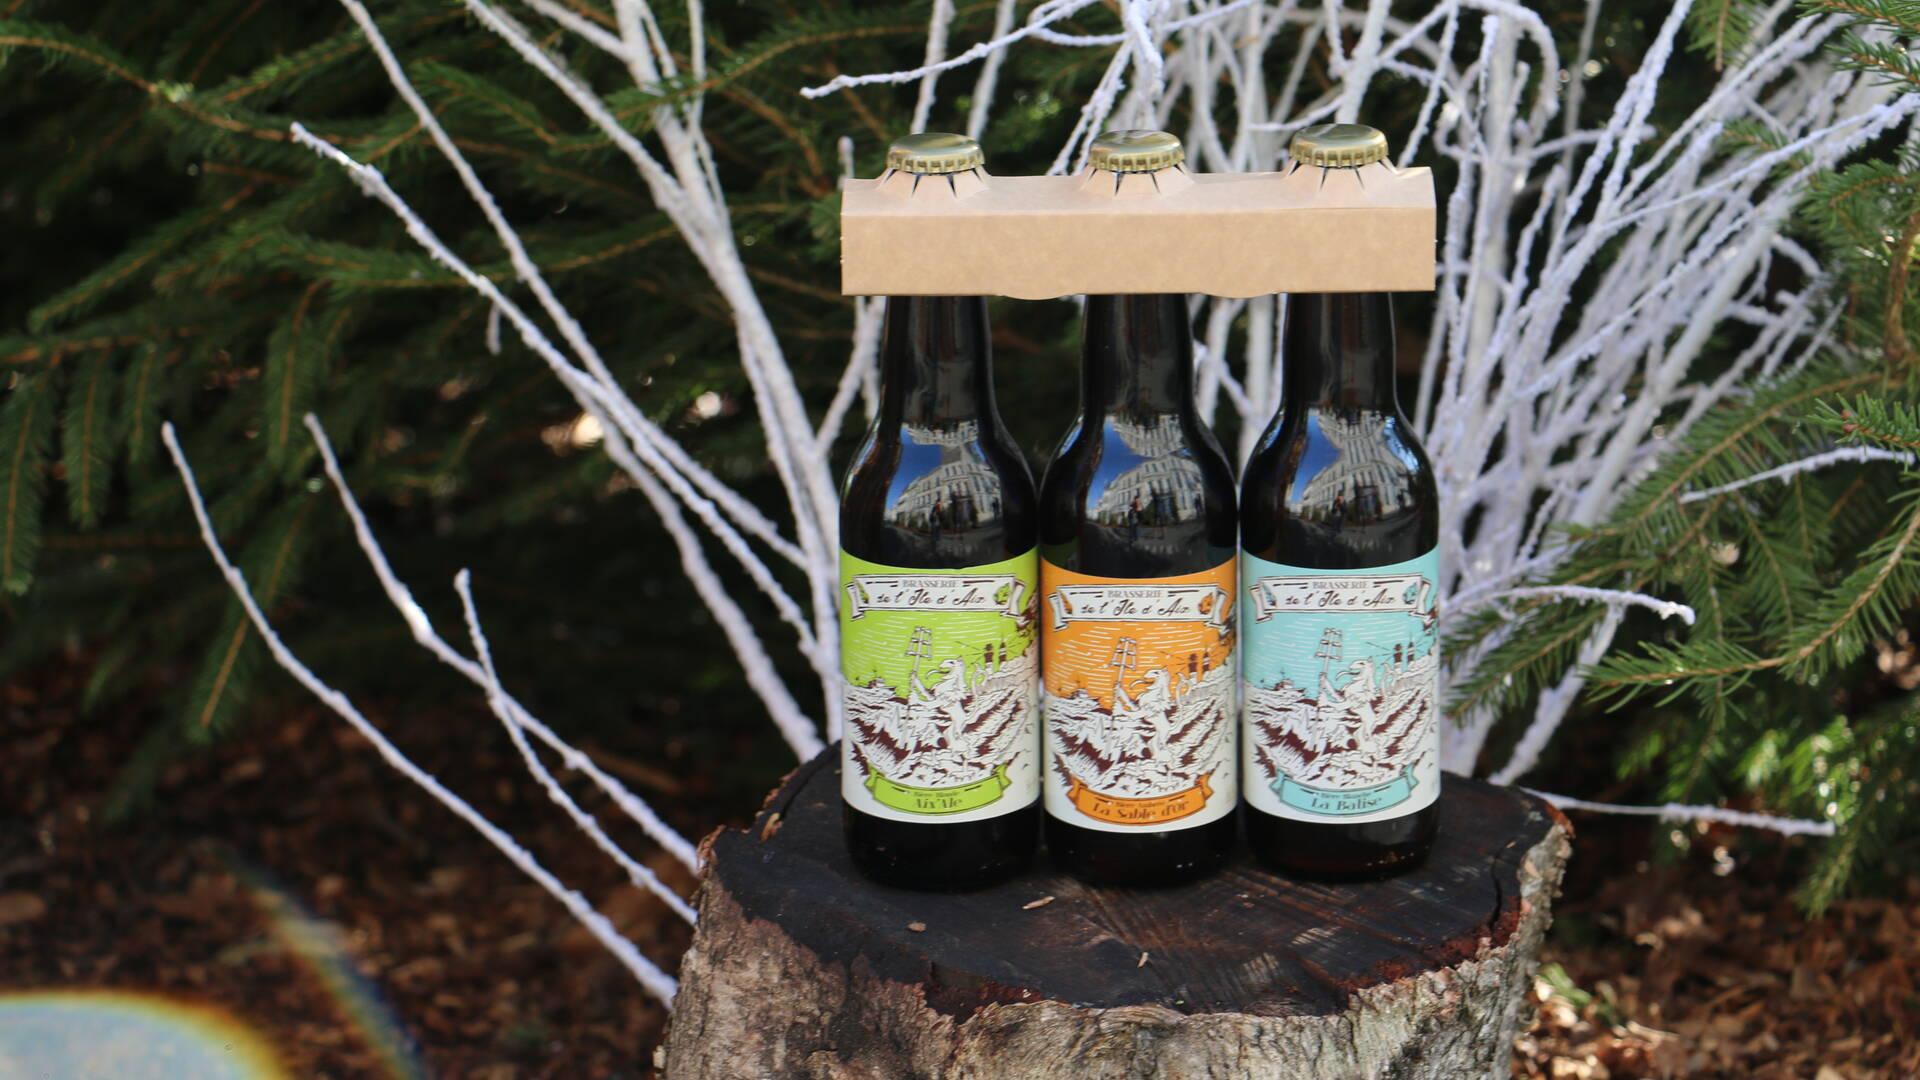 Faîtes découvrir les bières de l'île d'Aix à la Saint-Valentin © Office de Tourisme Rochefort Océan